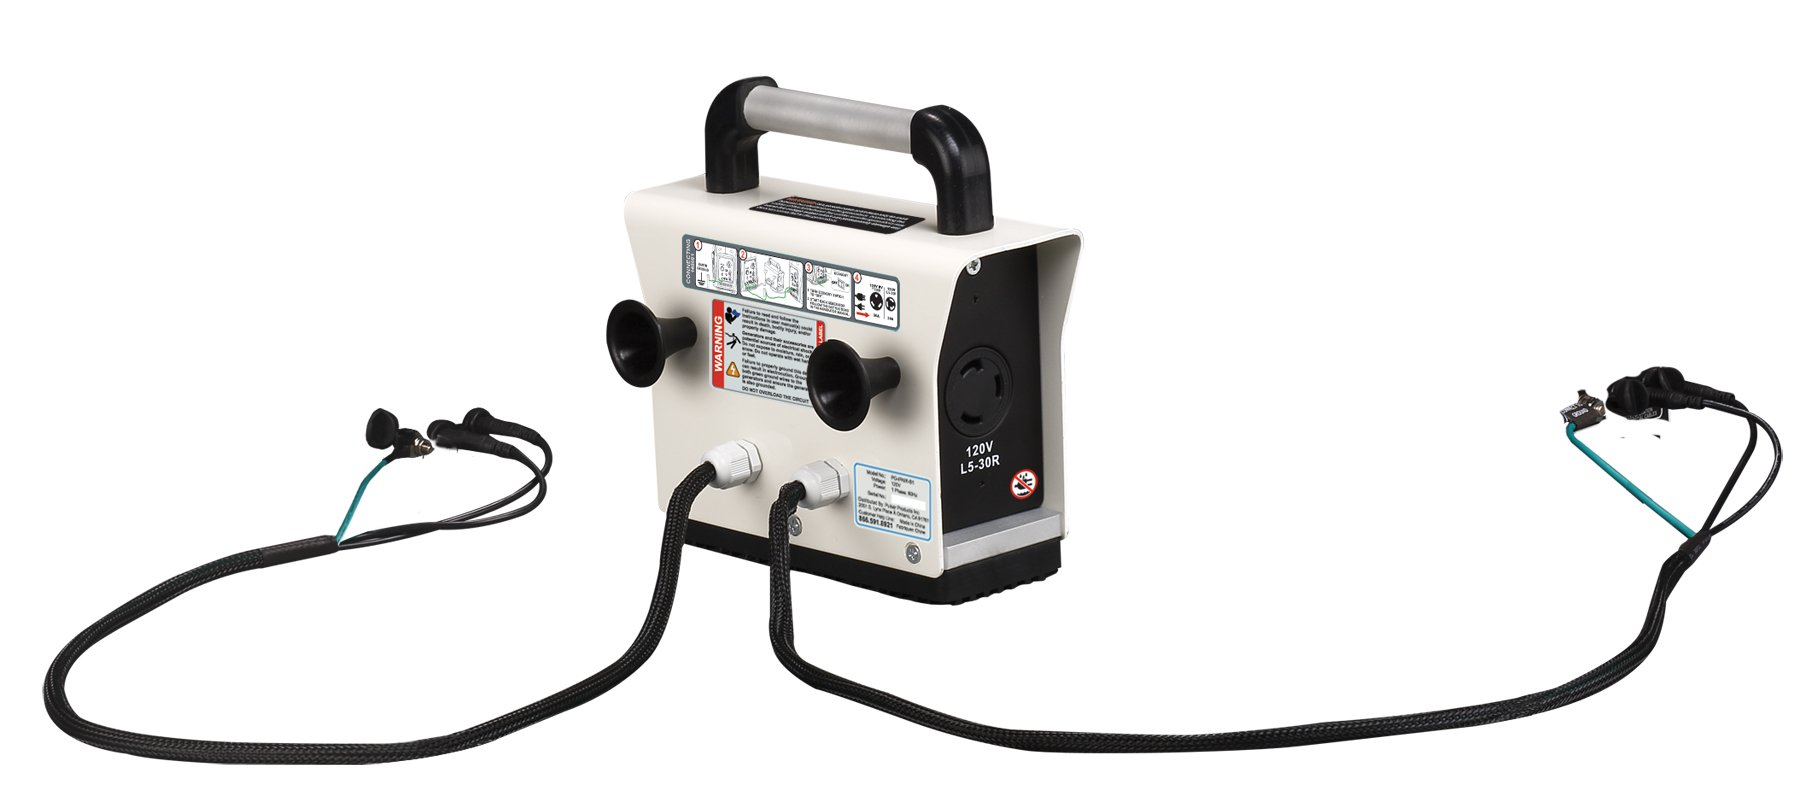 Pulsar PG-iPAIR-B1 Inverter Kit Adapter